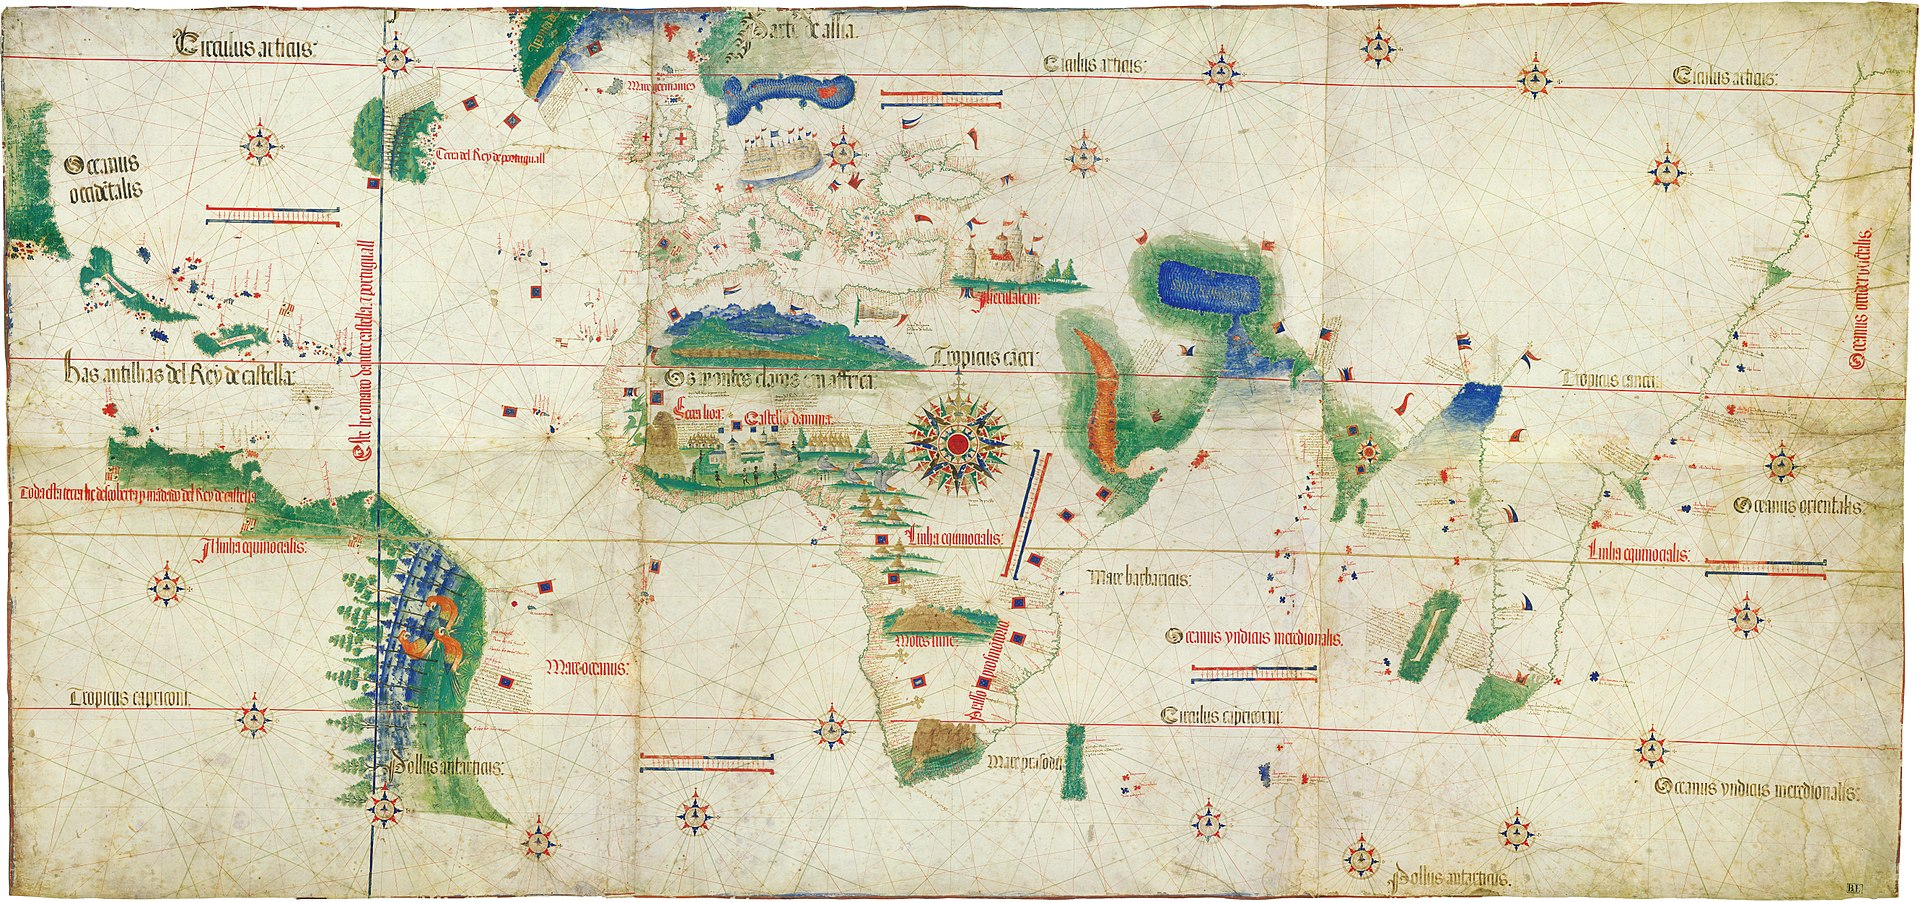 Planisferio de Cantino de 1502, en el que se muestra la separación establecida en el Tratado de Tordesillas